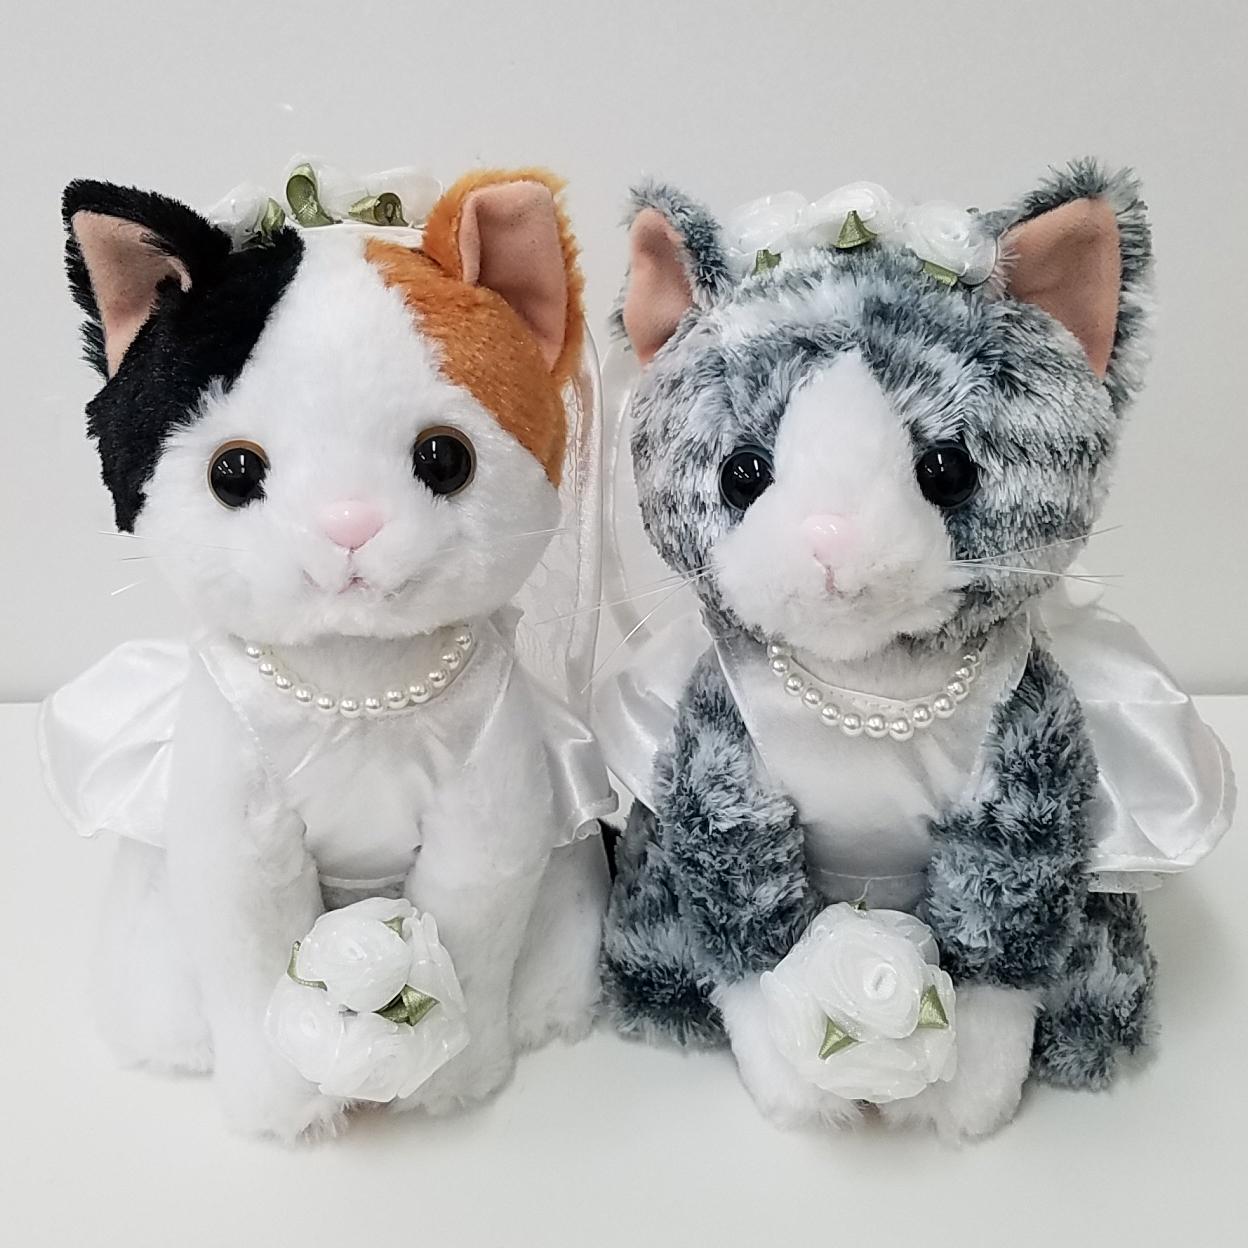 結婚式の受付や結婚祝いに ウェルカムドール プレミアムウェディング サバトラ 新婦